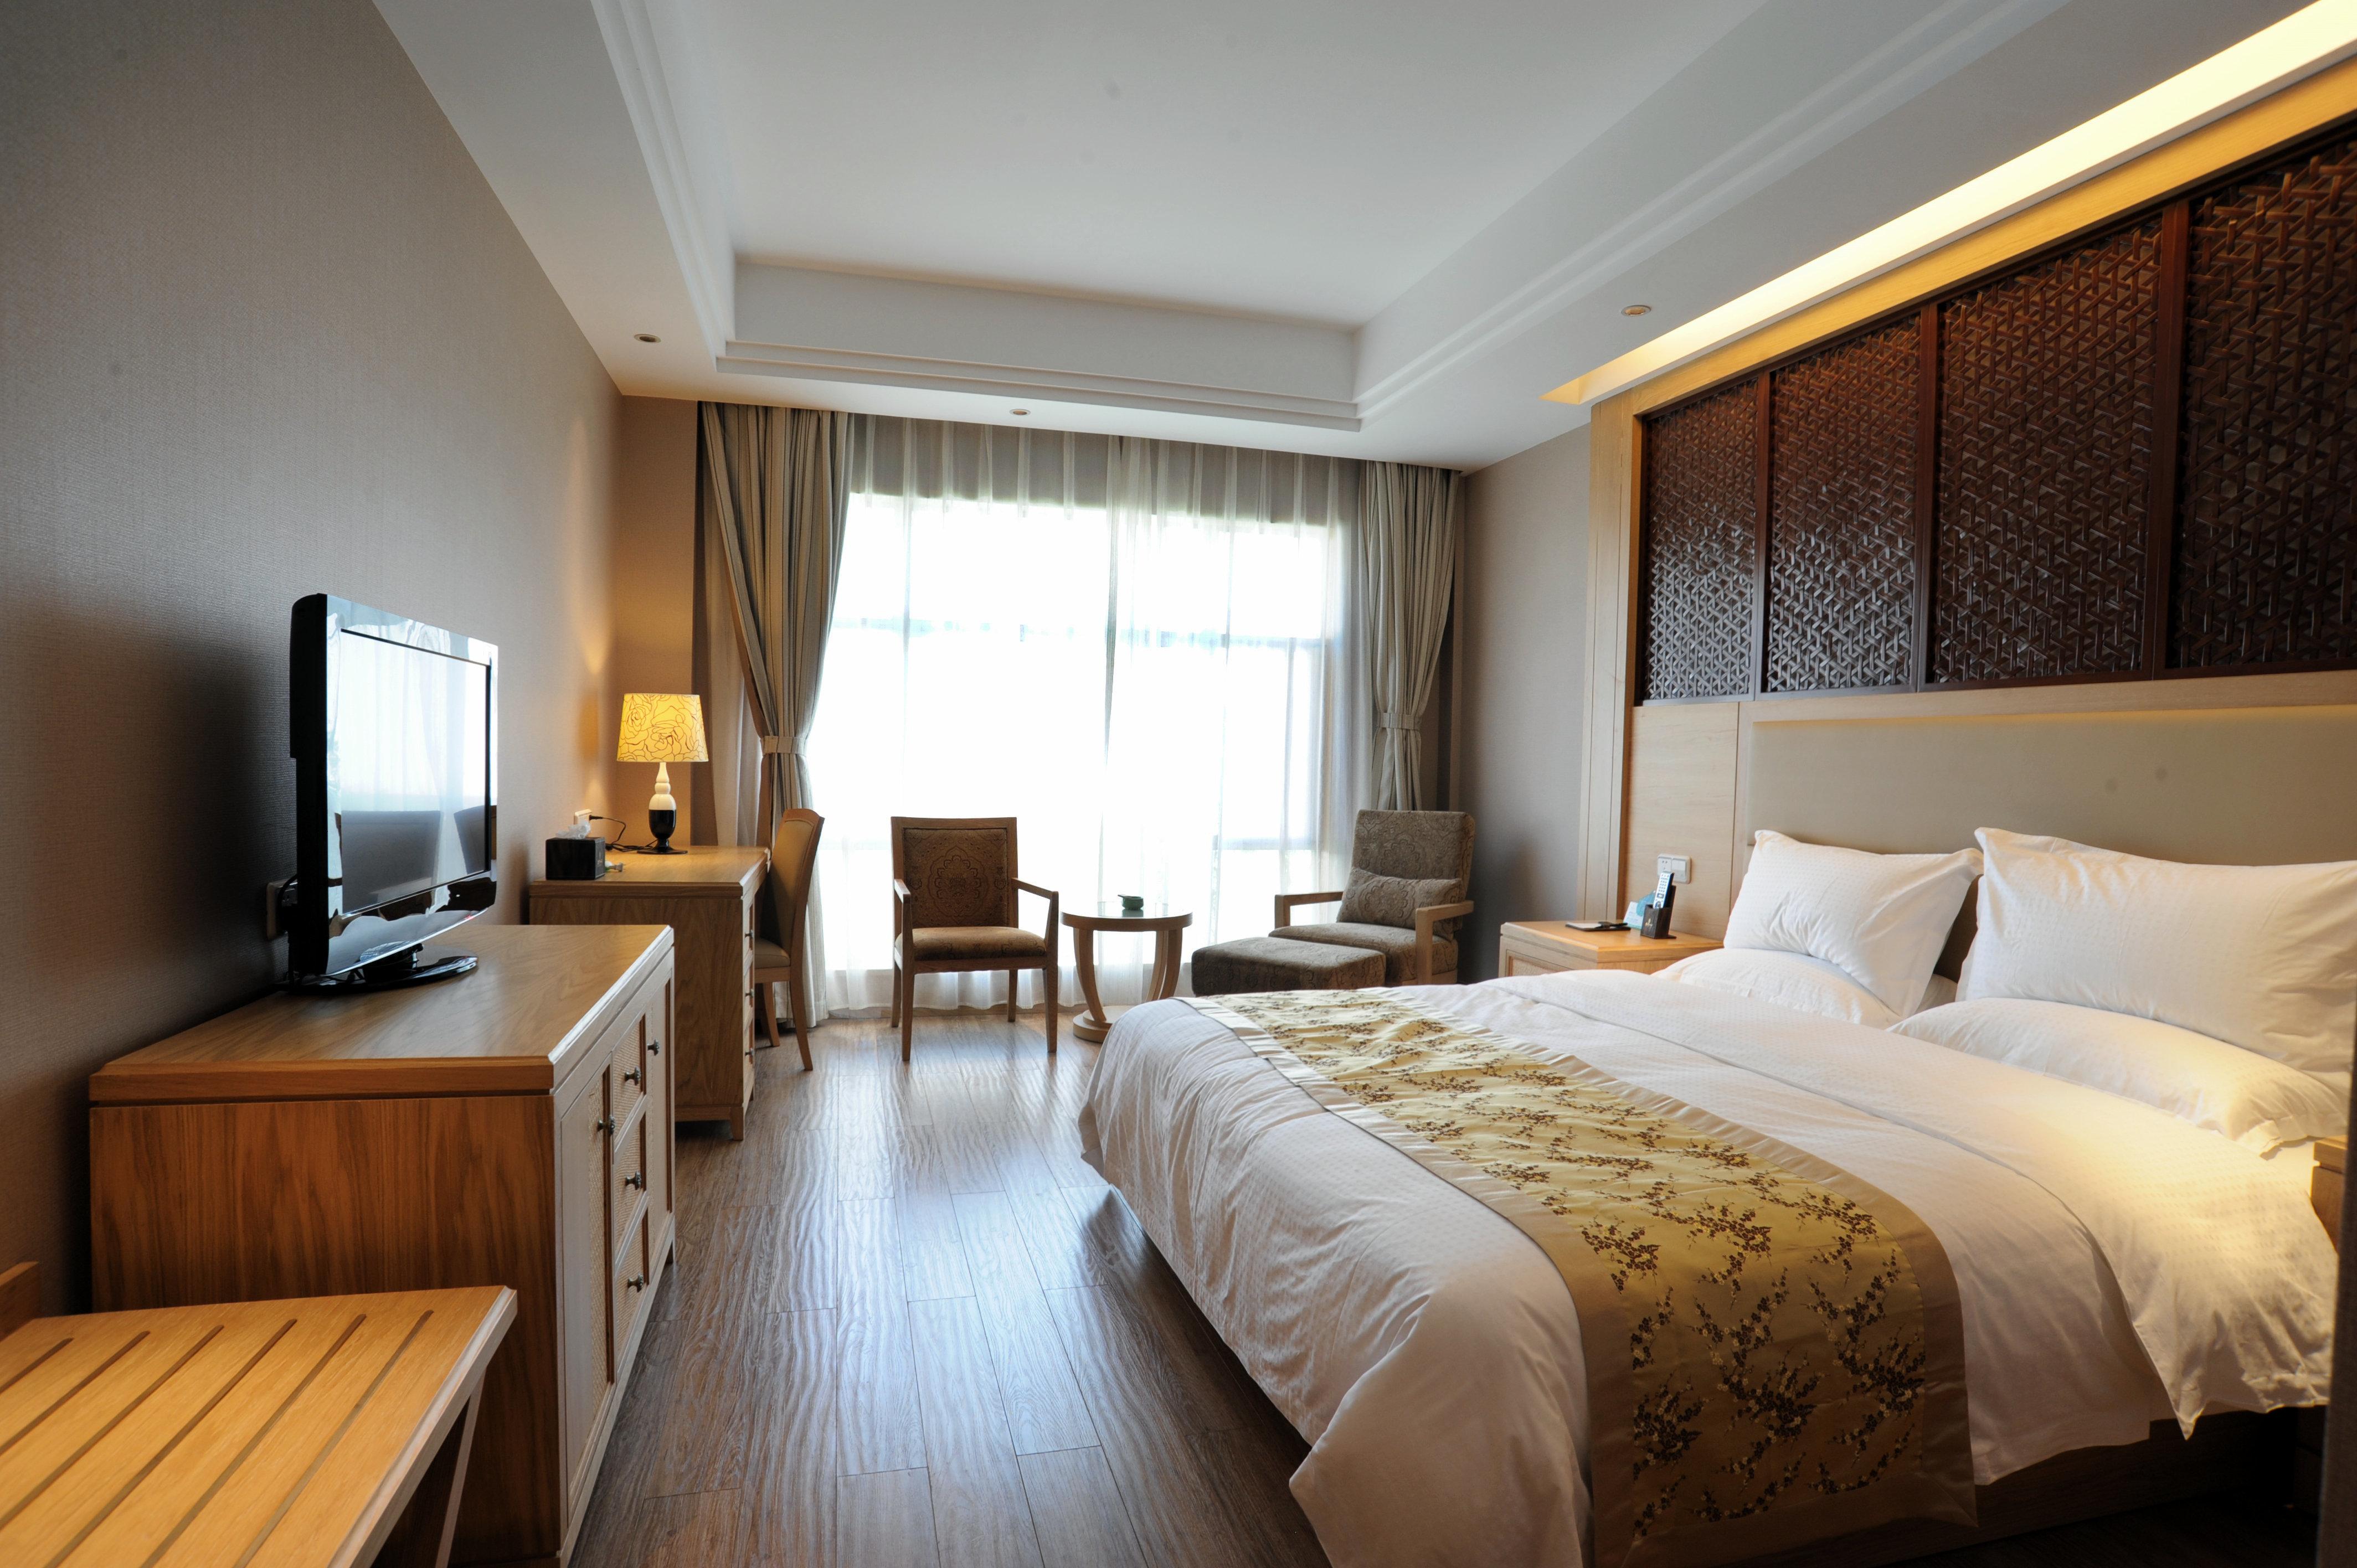 背景墙 房间 家居 酒店 设计 卧室 卧室装修 现代 装修 4256_2832